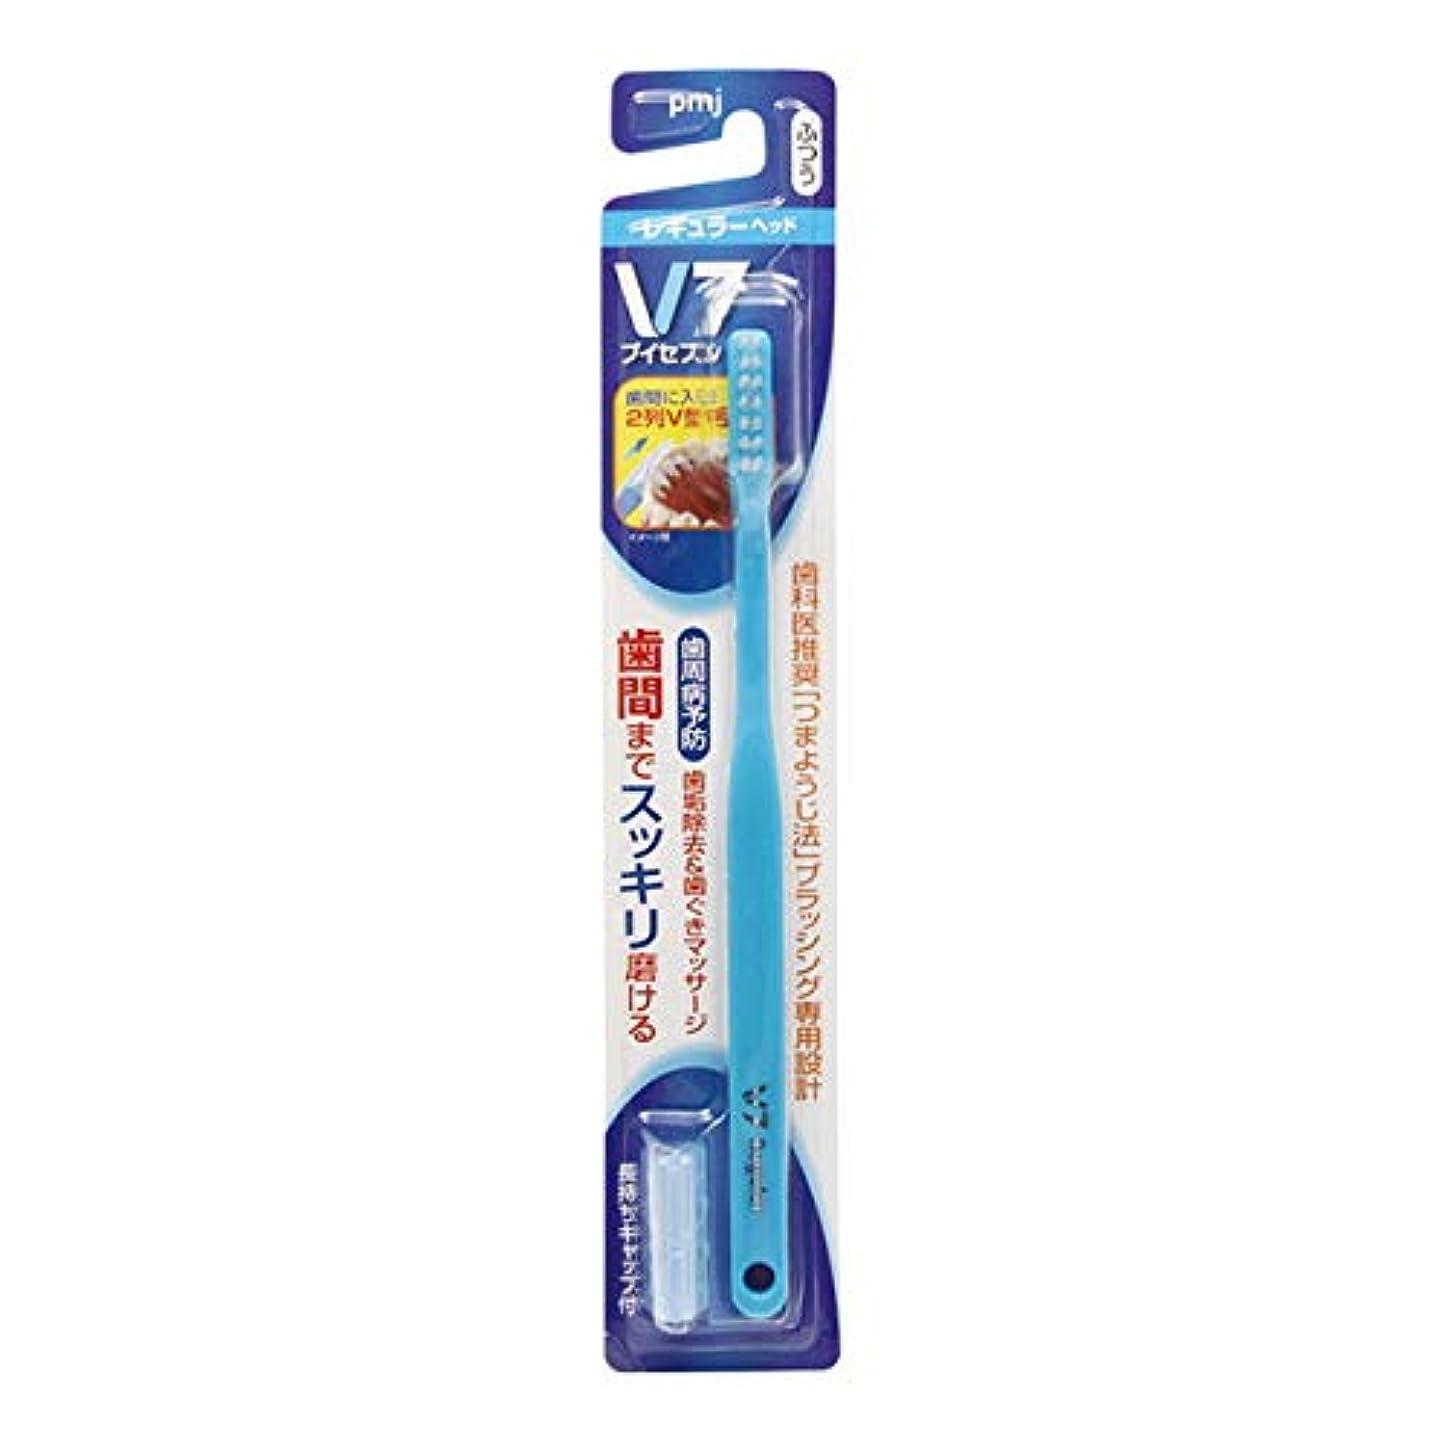 スイ到着する絶対のp.m.j Vセブン 歯ブラシ レギュラー ふつう 1本